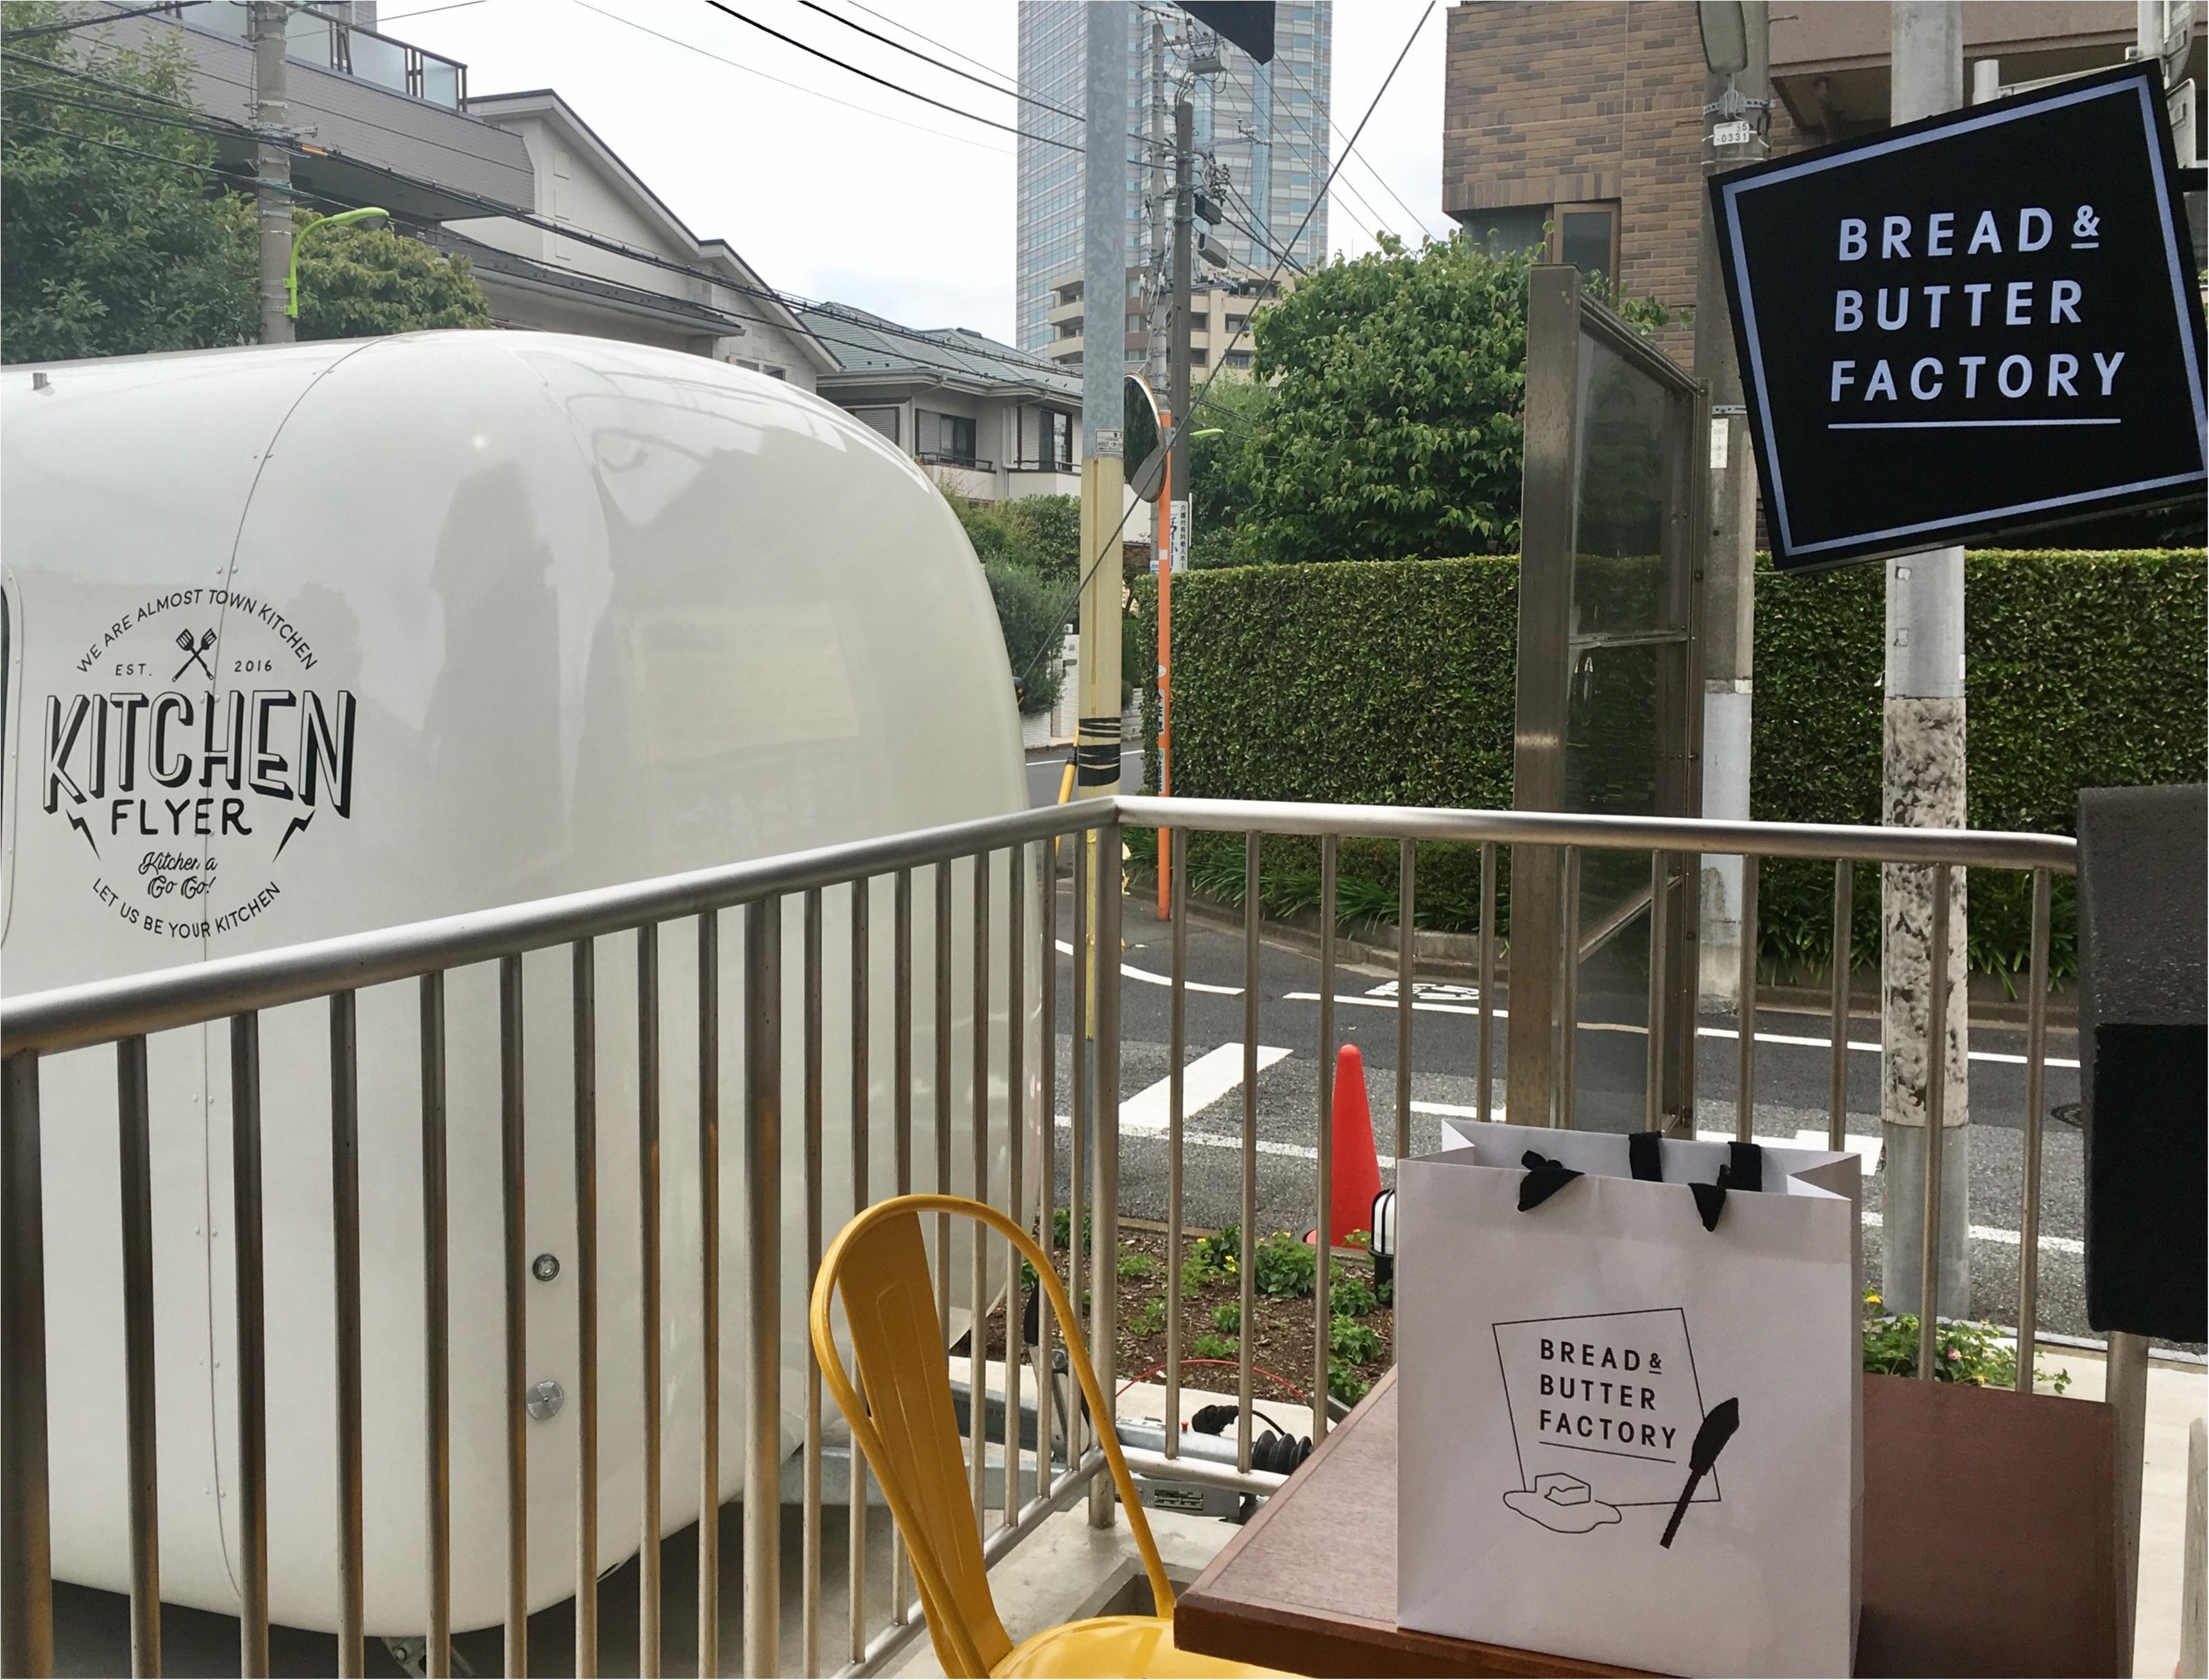 【朝活スポット】✰パンマニアがオススメする✰世田谷のオシャレなカフェでゆったりモーニング。_8